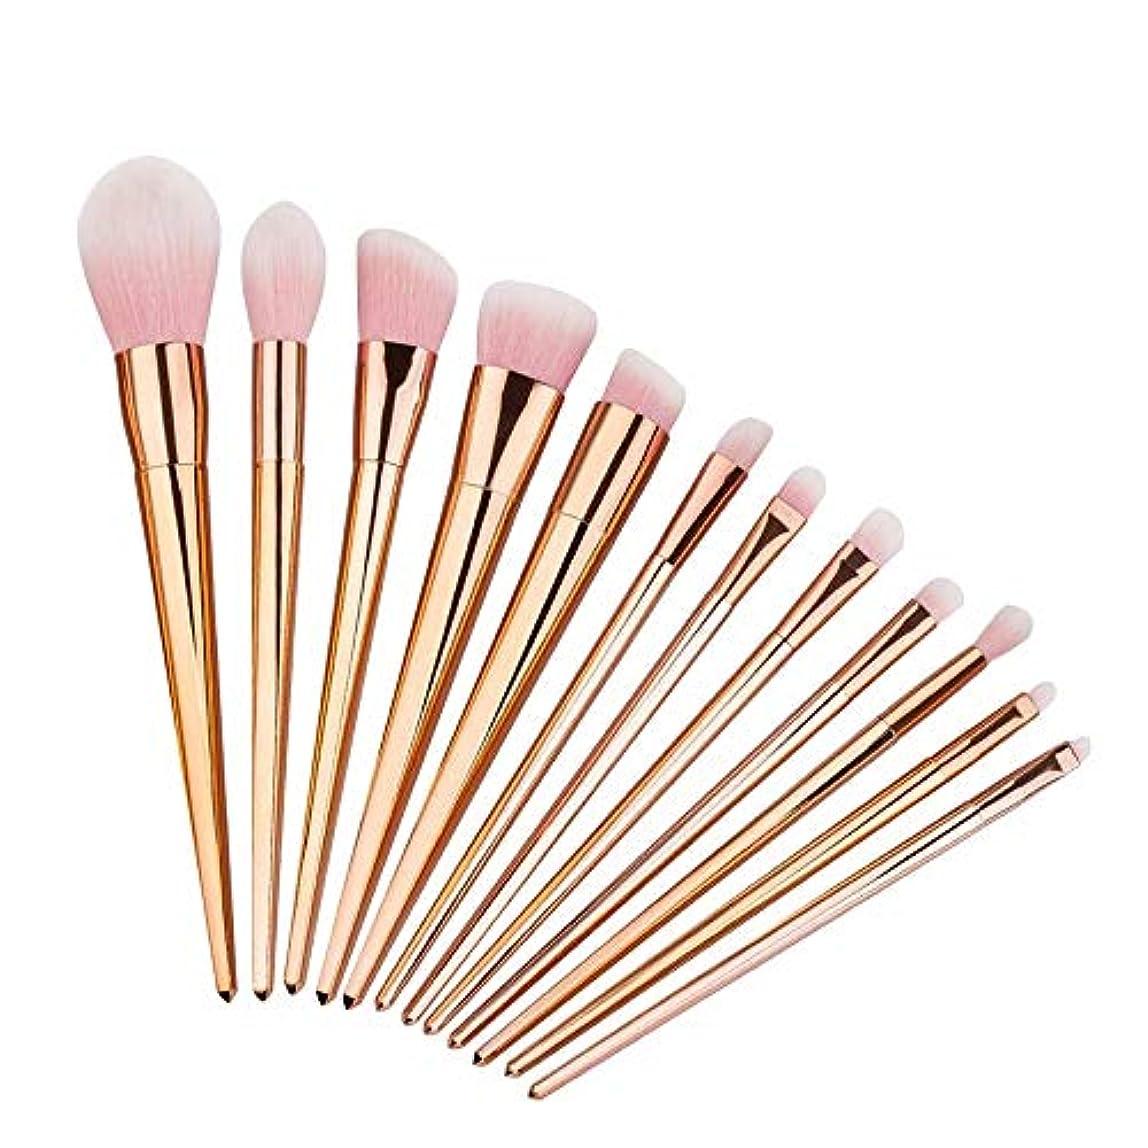 敏感なボルトペダルプロフェッショナル メイクブラシ 化粧筆 シリーズ 化粧ブラシセット 高級タクロン 超柔らかい 可愛い リップブラシツール 12本セット